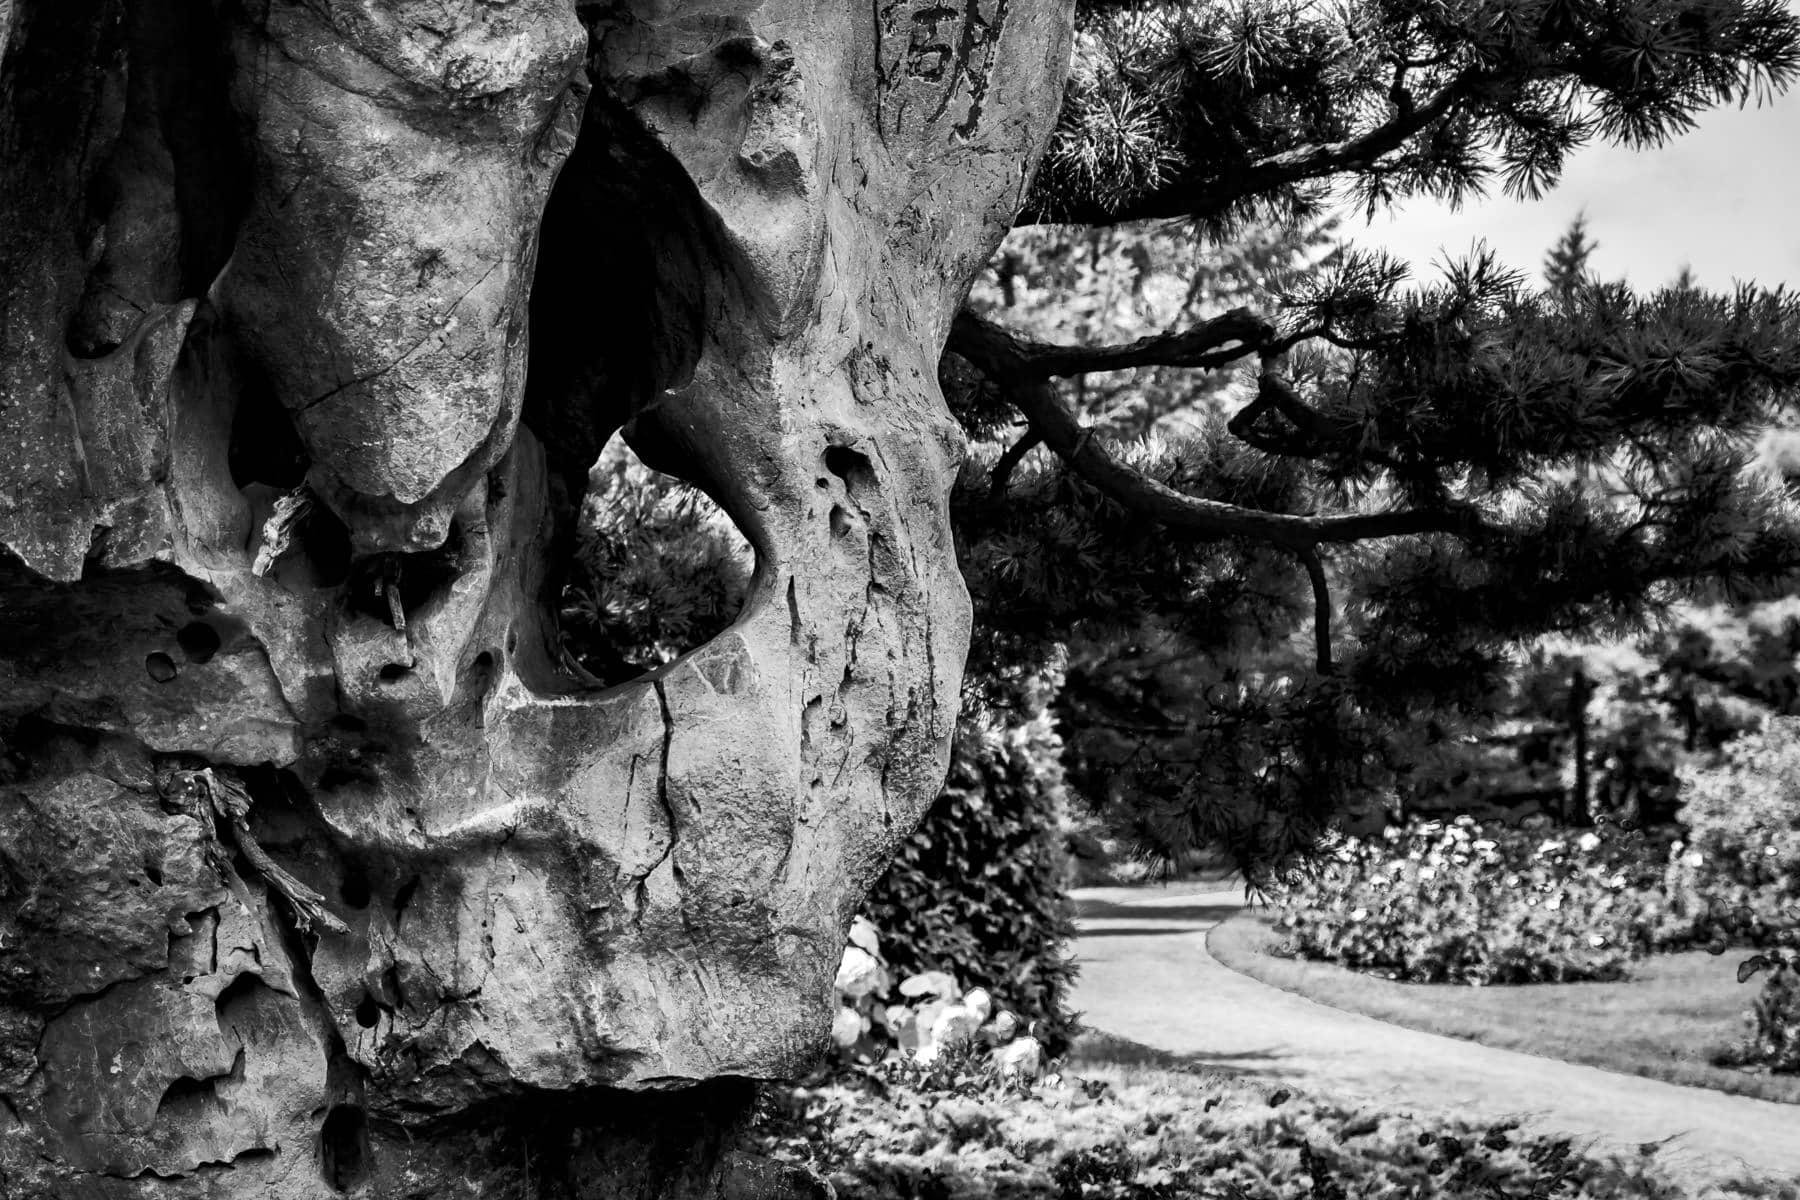 Unique, hole-laden rocks in the Jardin de Chine at Montréal's Jardin Botanique.